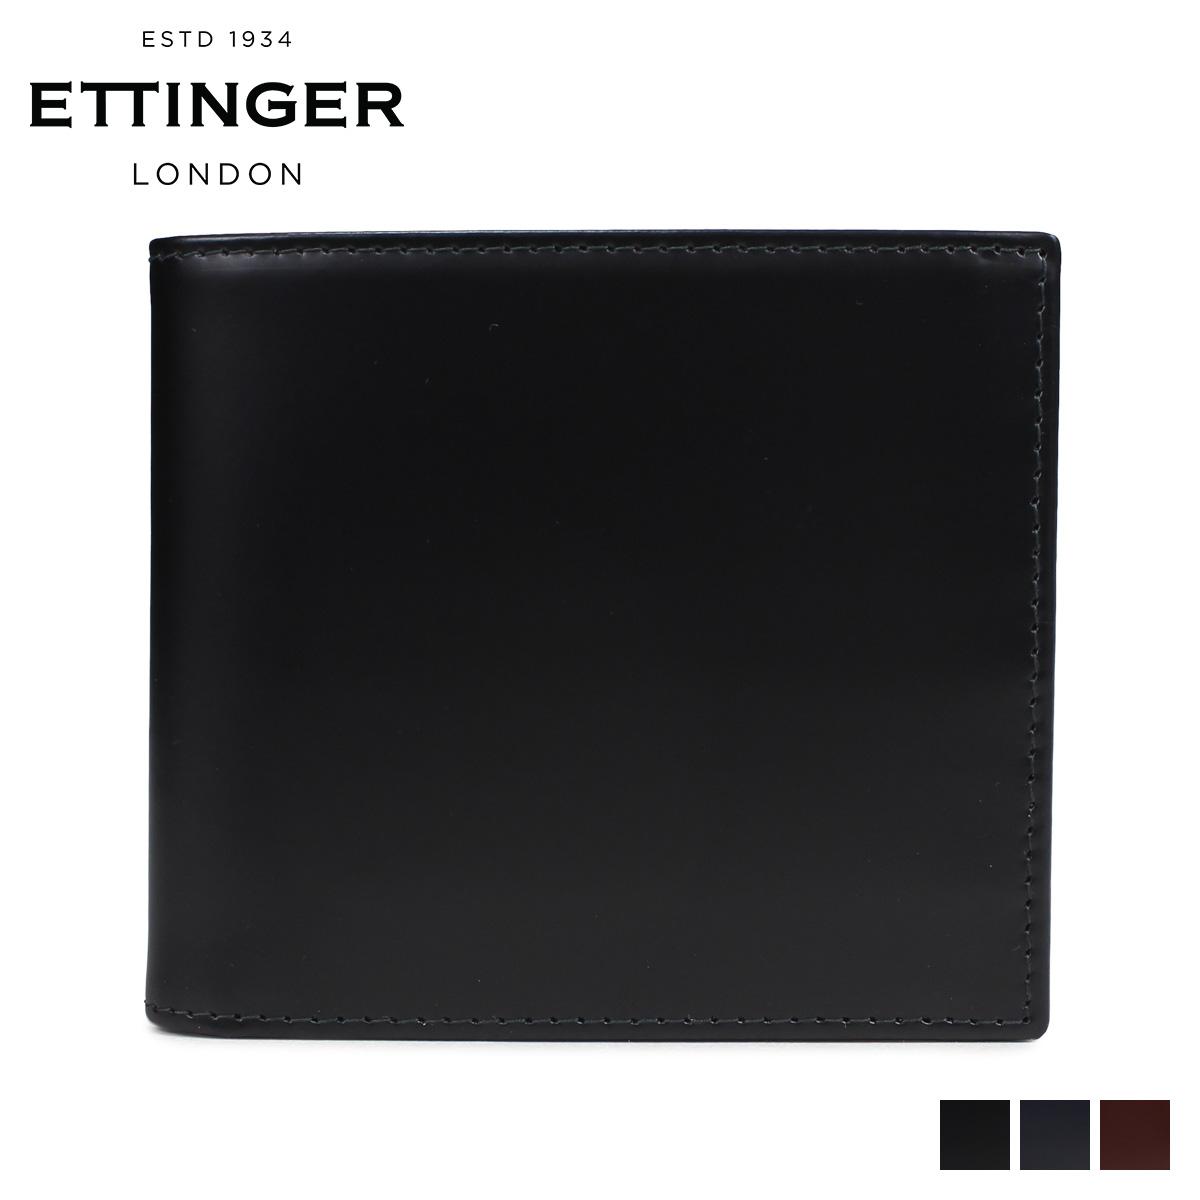 ETTINGER エッティンガー 財布 二つ折り メンズ レザー BILLFOLD WITH 6CC COIN PURSE ブラック ネイビー ブラウン 黒 BH142JR